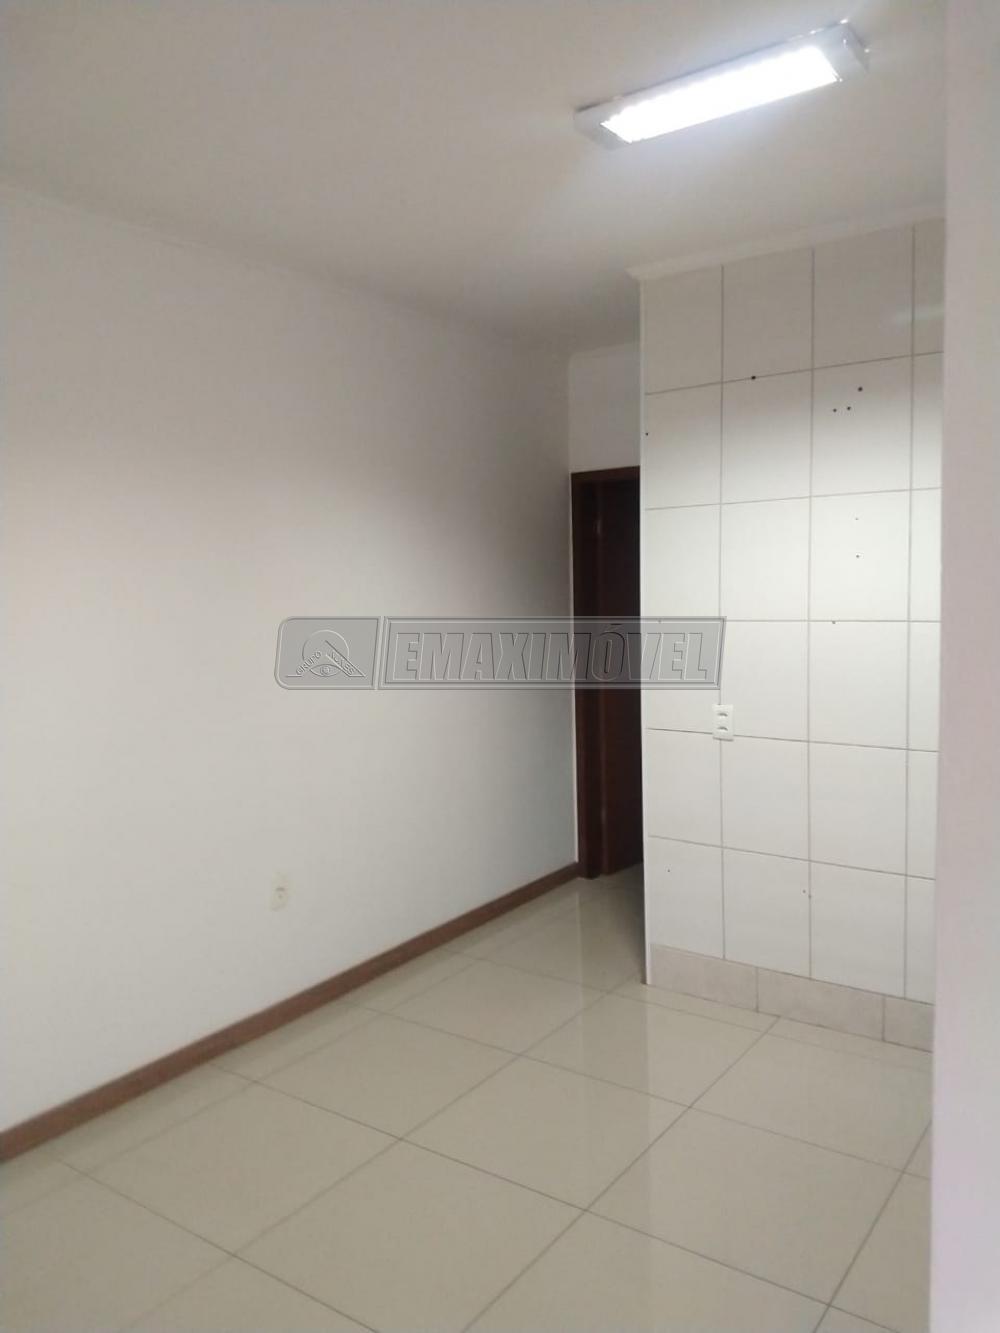 Comprar Casas / em Bairros em Sorocaba apenas R$ 179.500,00 - Foto 5